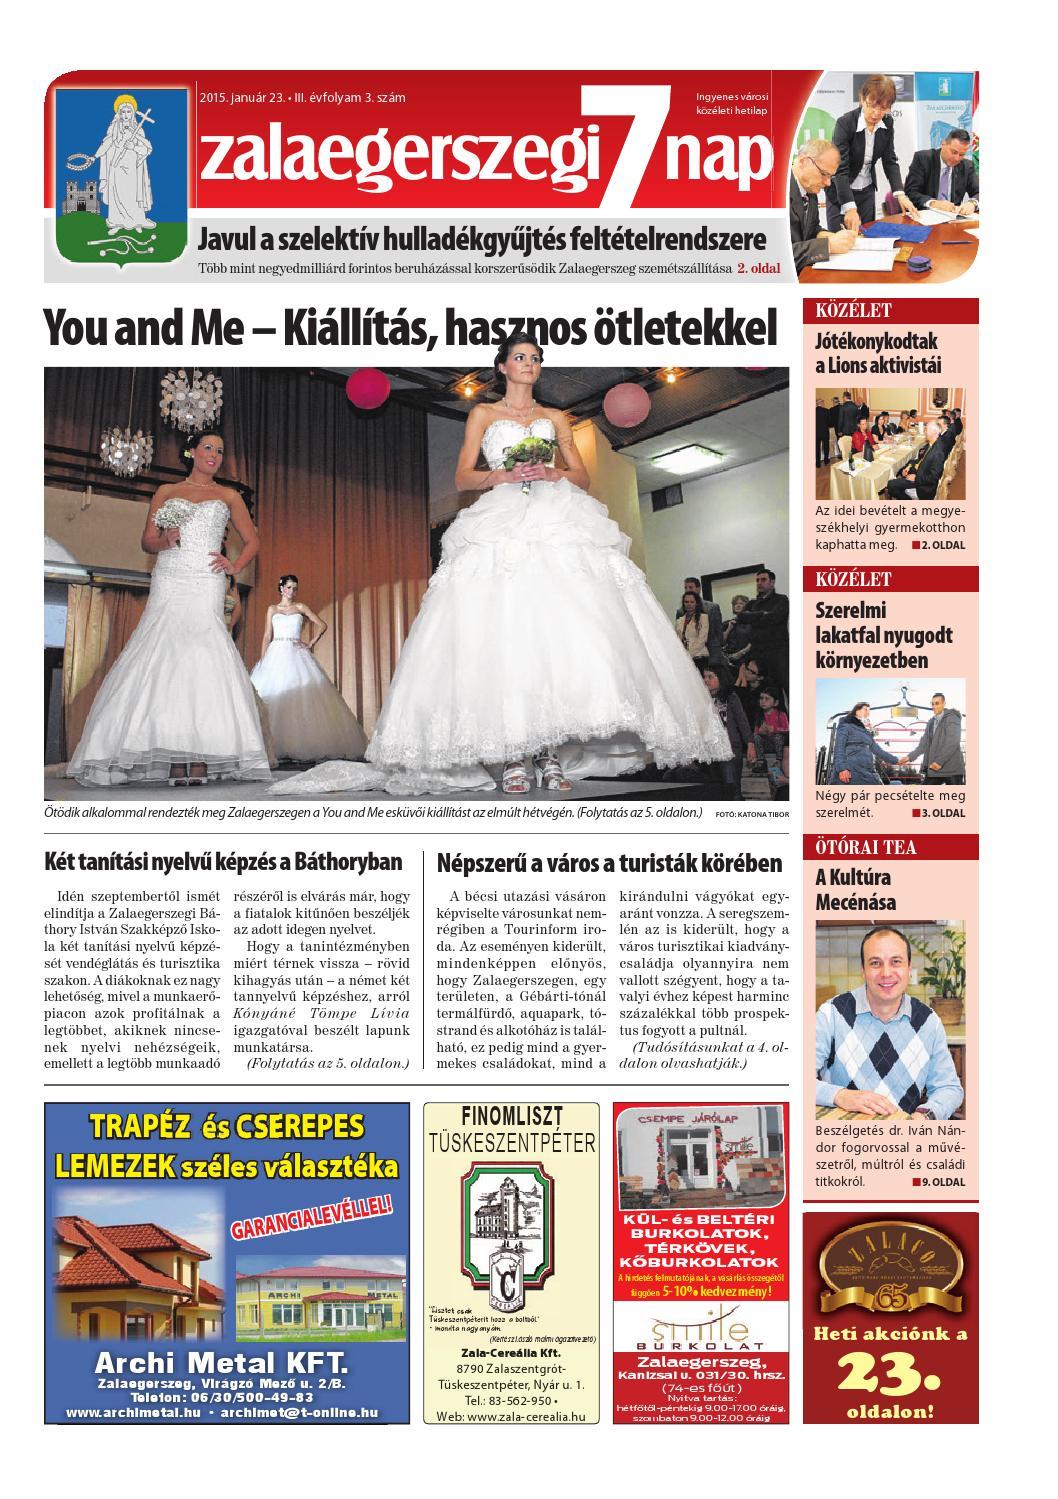 Menyasszony társkereső weboldal